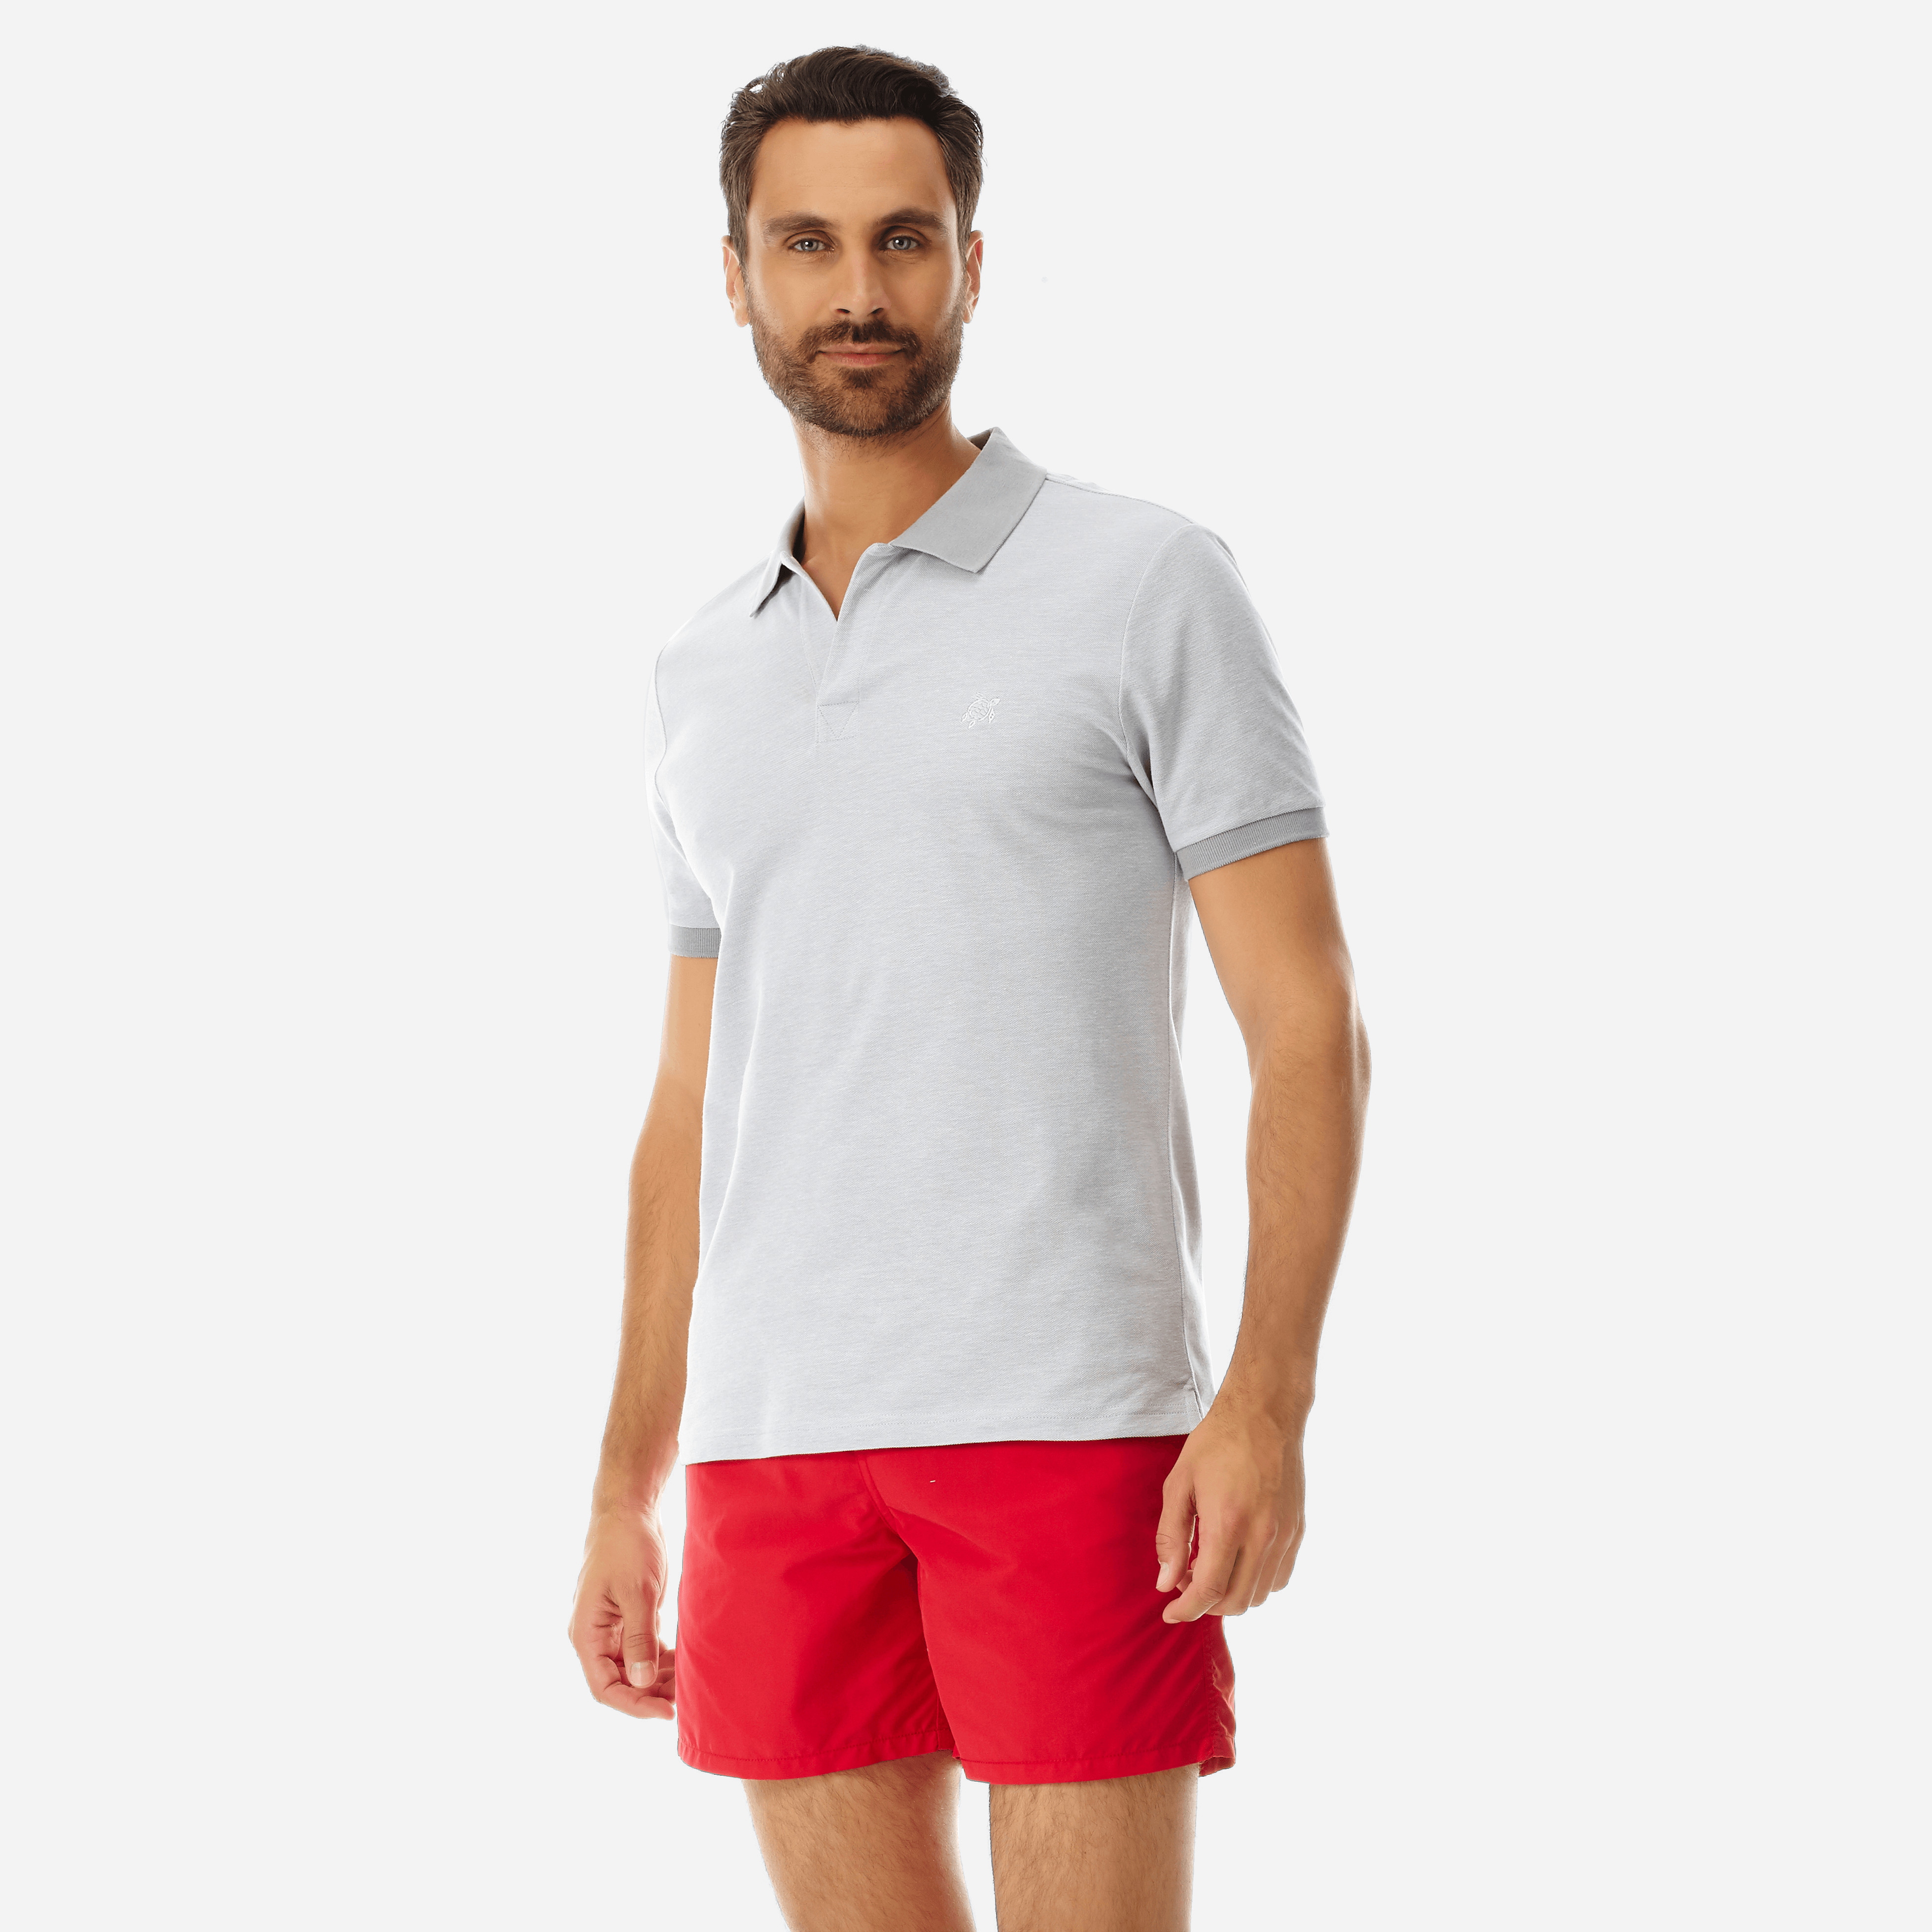 PRET A PORTER HOMME - Polo en Piqué de Coton Homme Uni - POLO - PALATIN - Gris - L - Vilebrequin